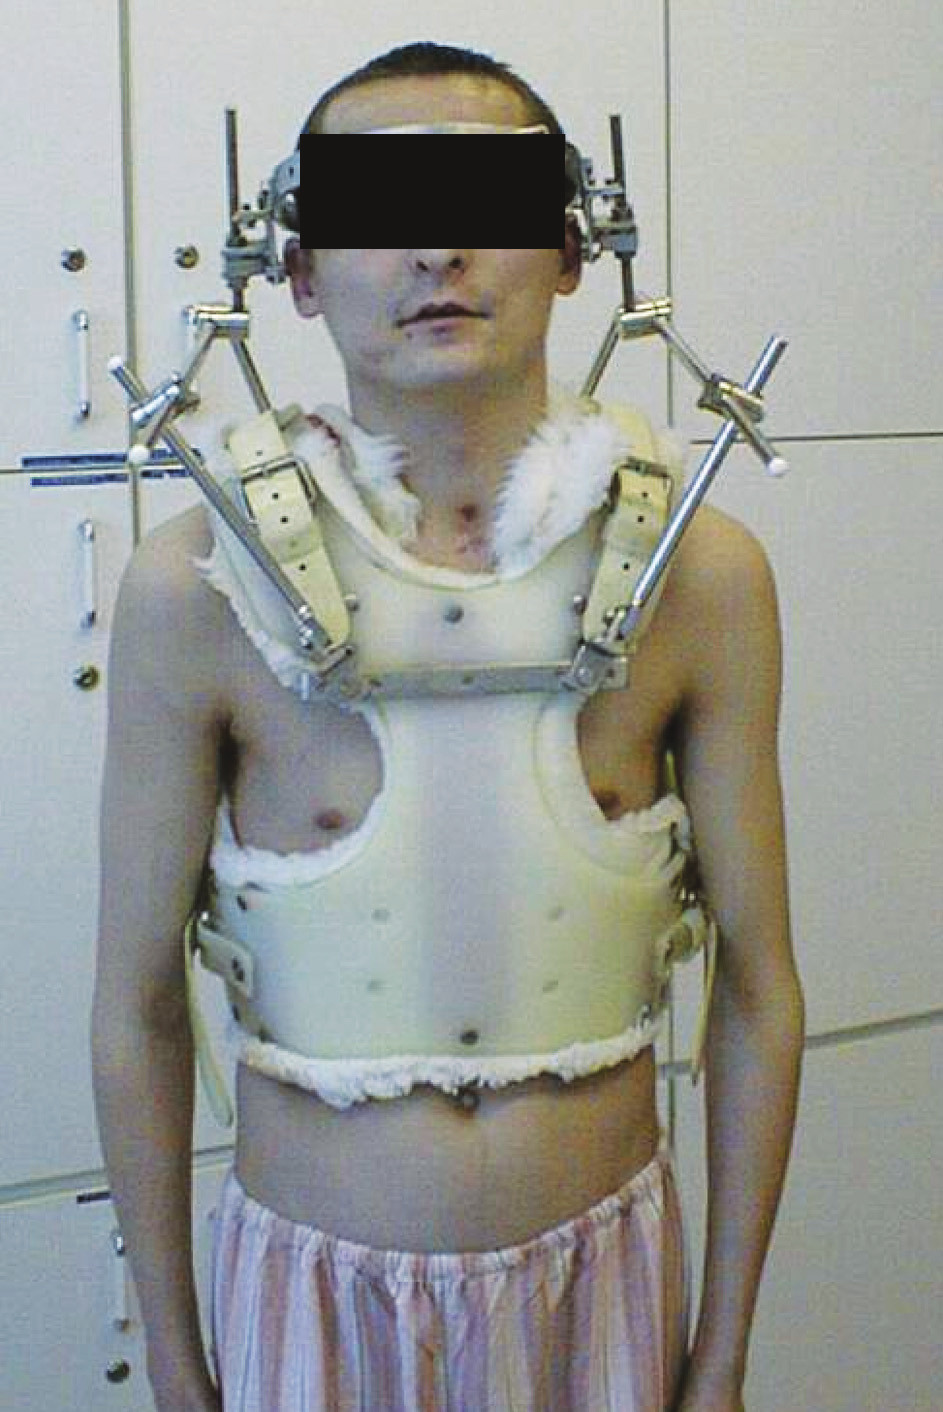 Naložený Halo vest Fig. 5. A halo vest applied